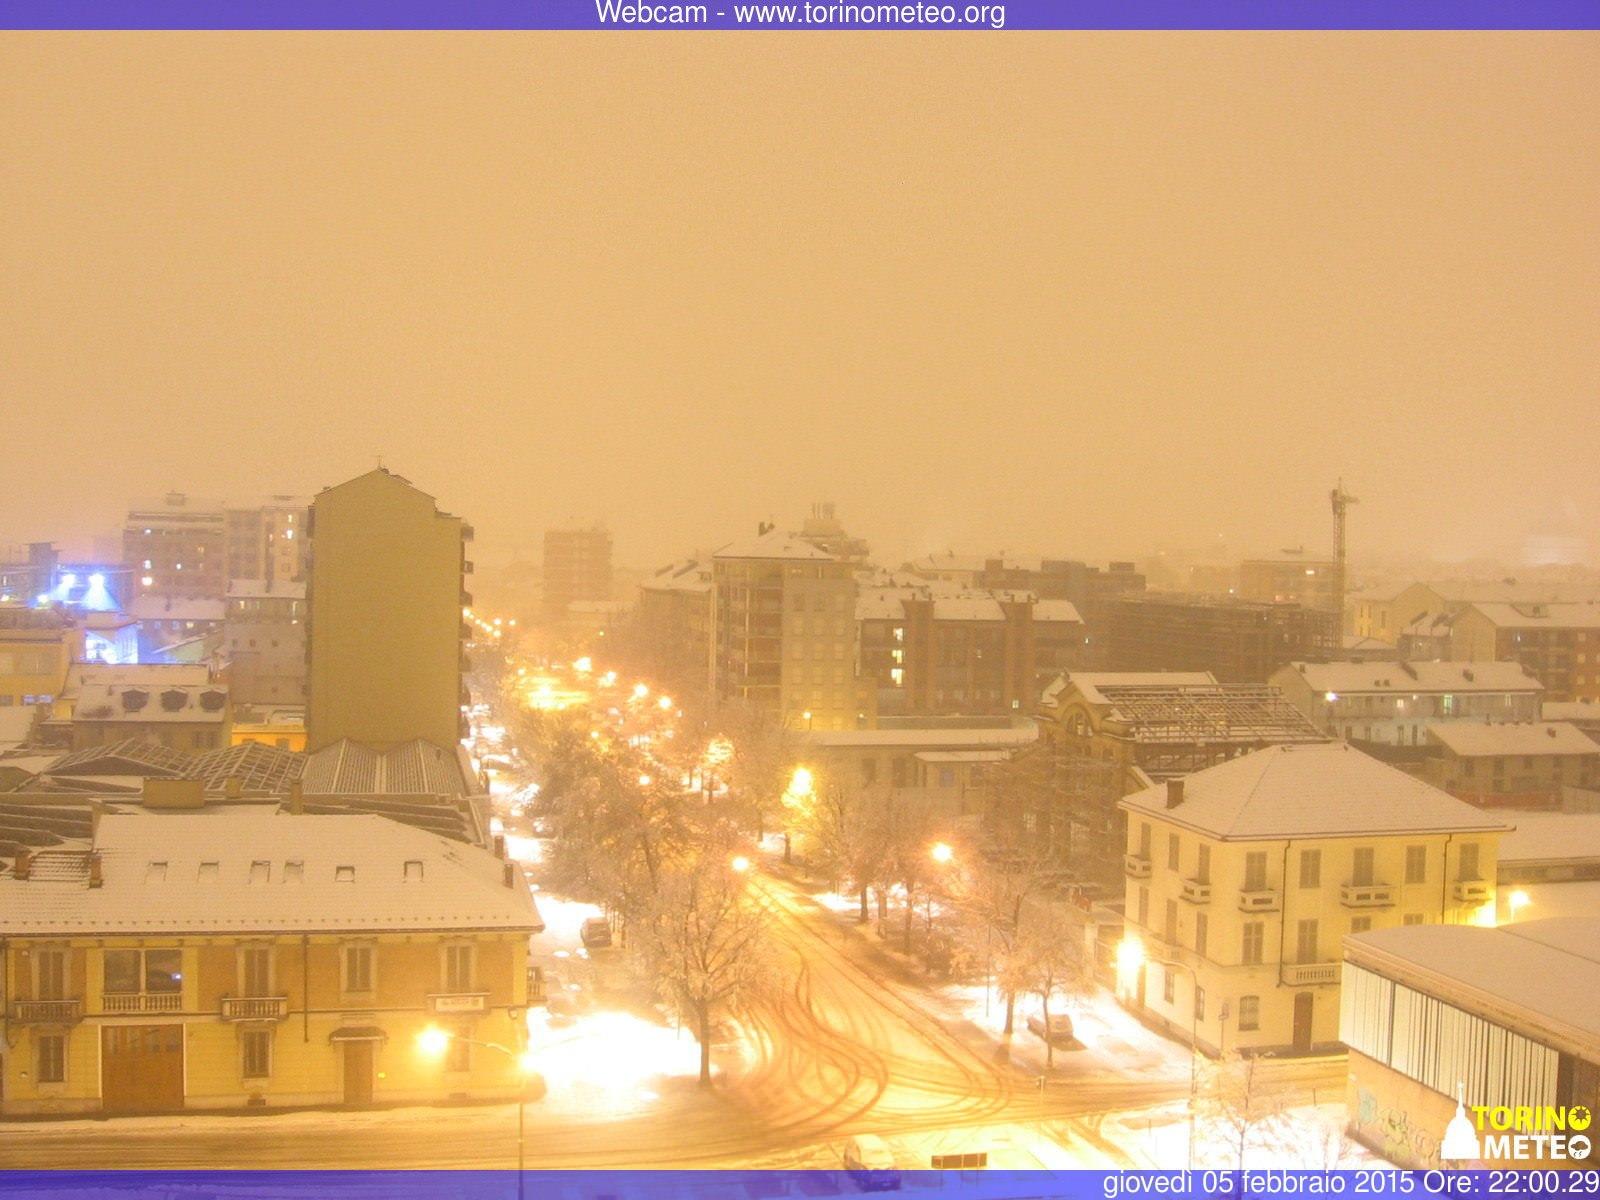 La neve in atto a Torino - www.torinometeo.org